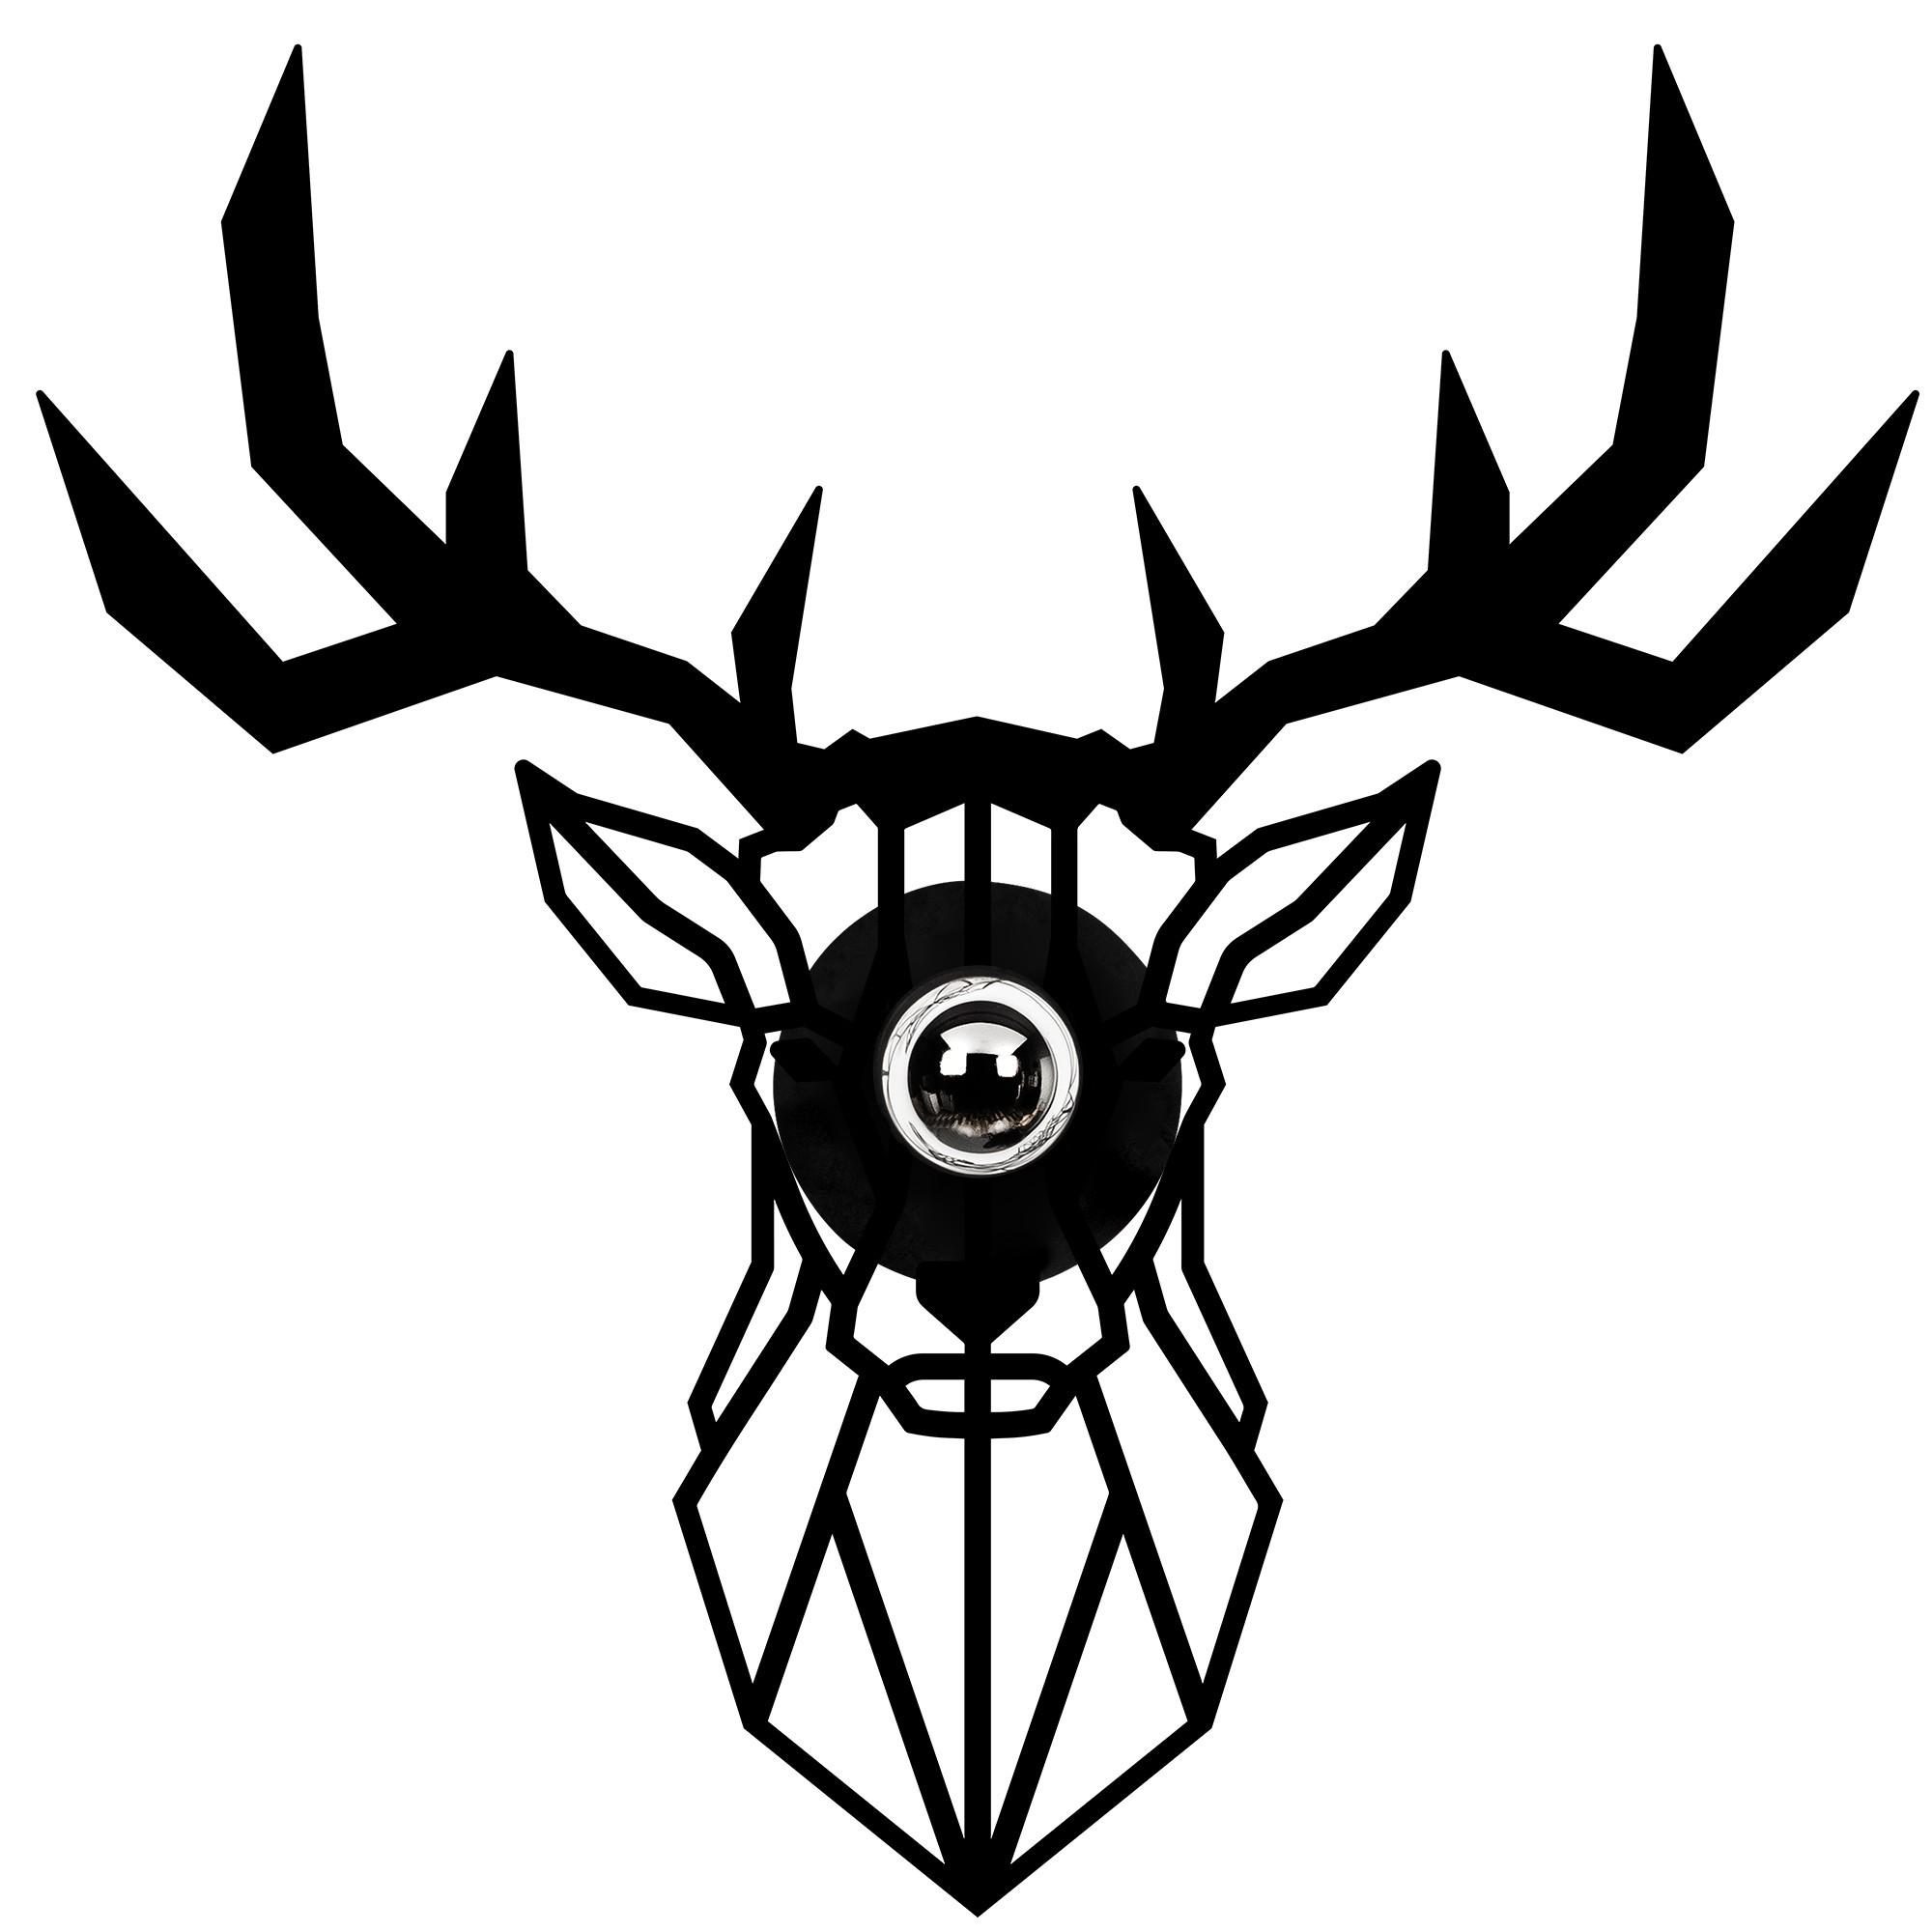 LED industriële wanddeco lamp dieren - Deer - dimbaar - E27 fitting - vooraanzicht